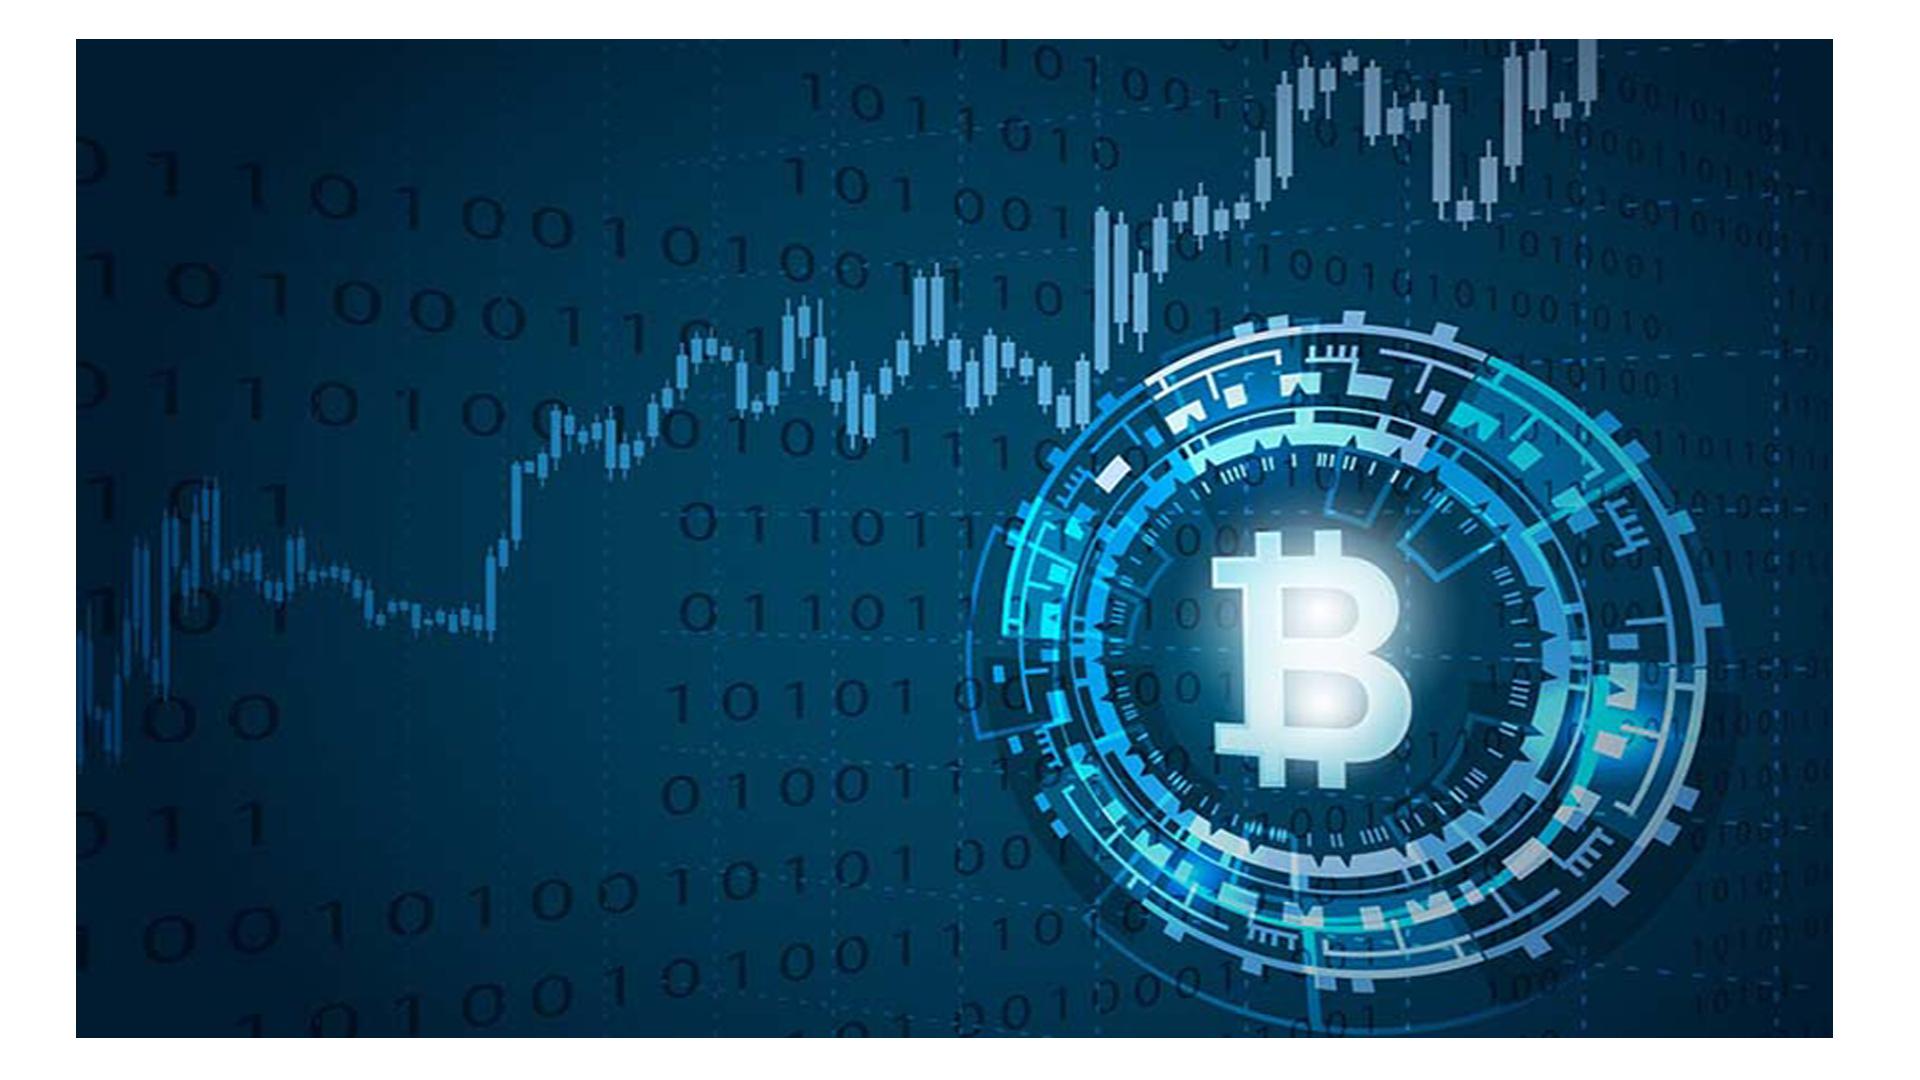 Bitkoin yenidən ucuzlaşmağa başlayıb - QİYMƏT